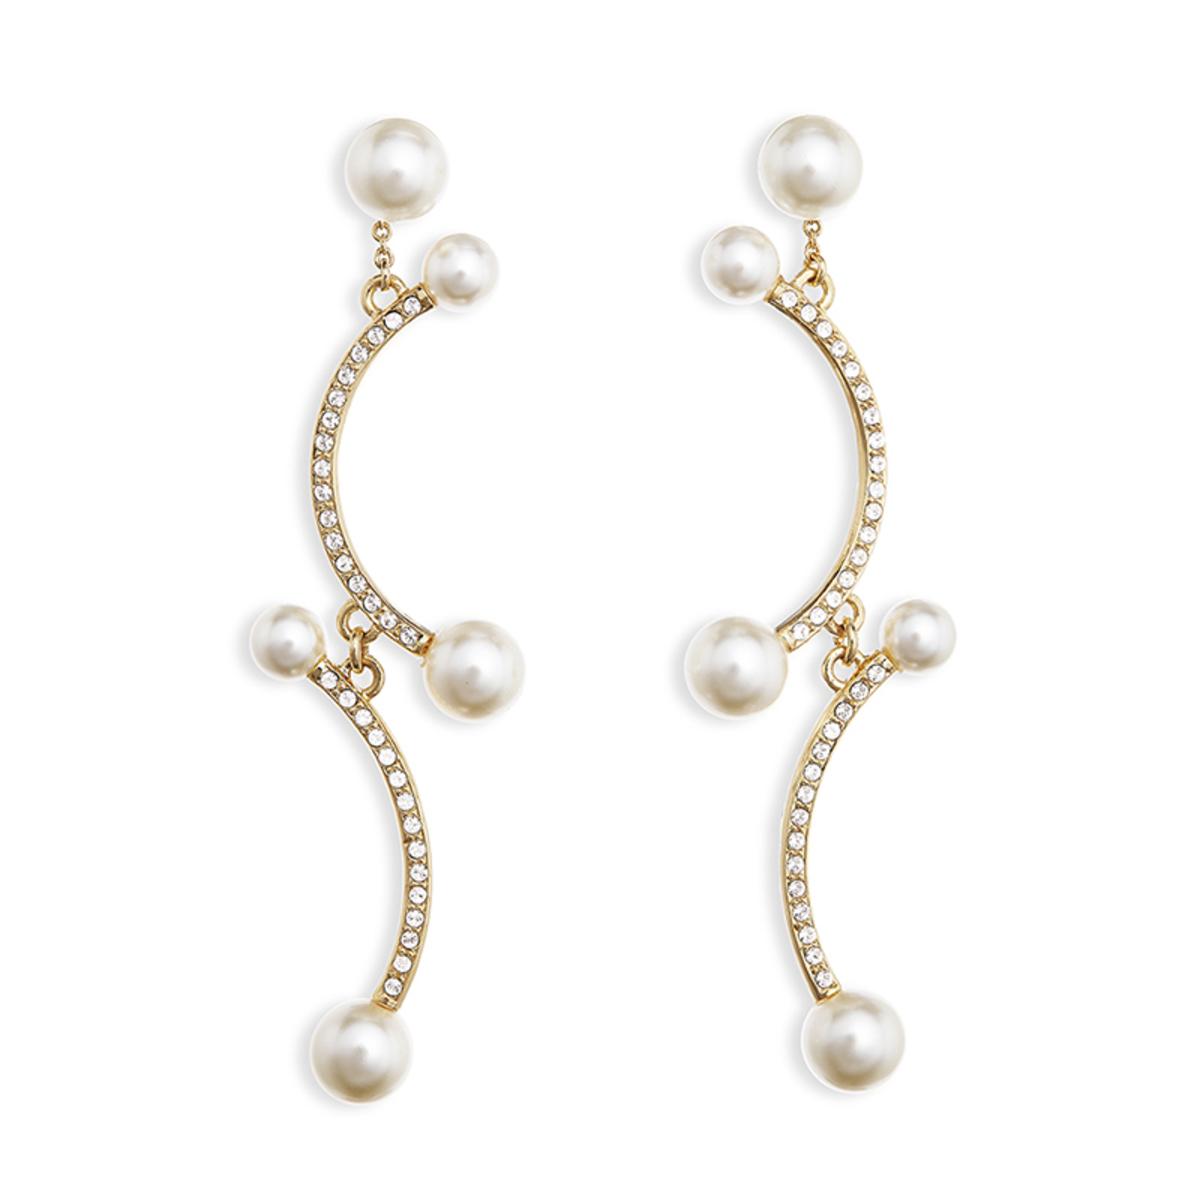 雪姬: 金色, 捷克水晶仿珍珠, Swarovski水晶石吊墜耳夾